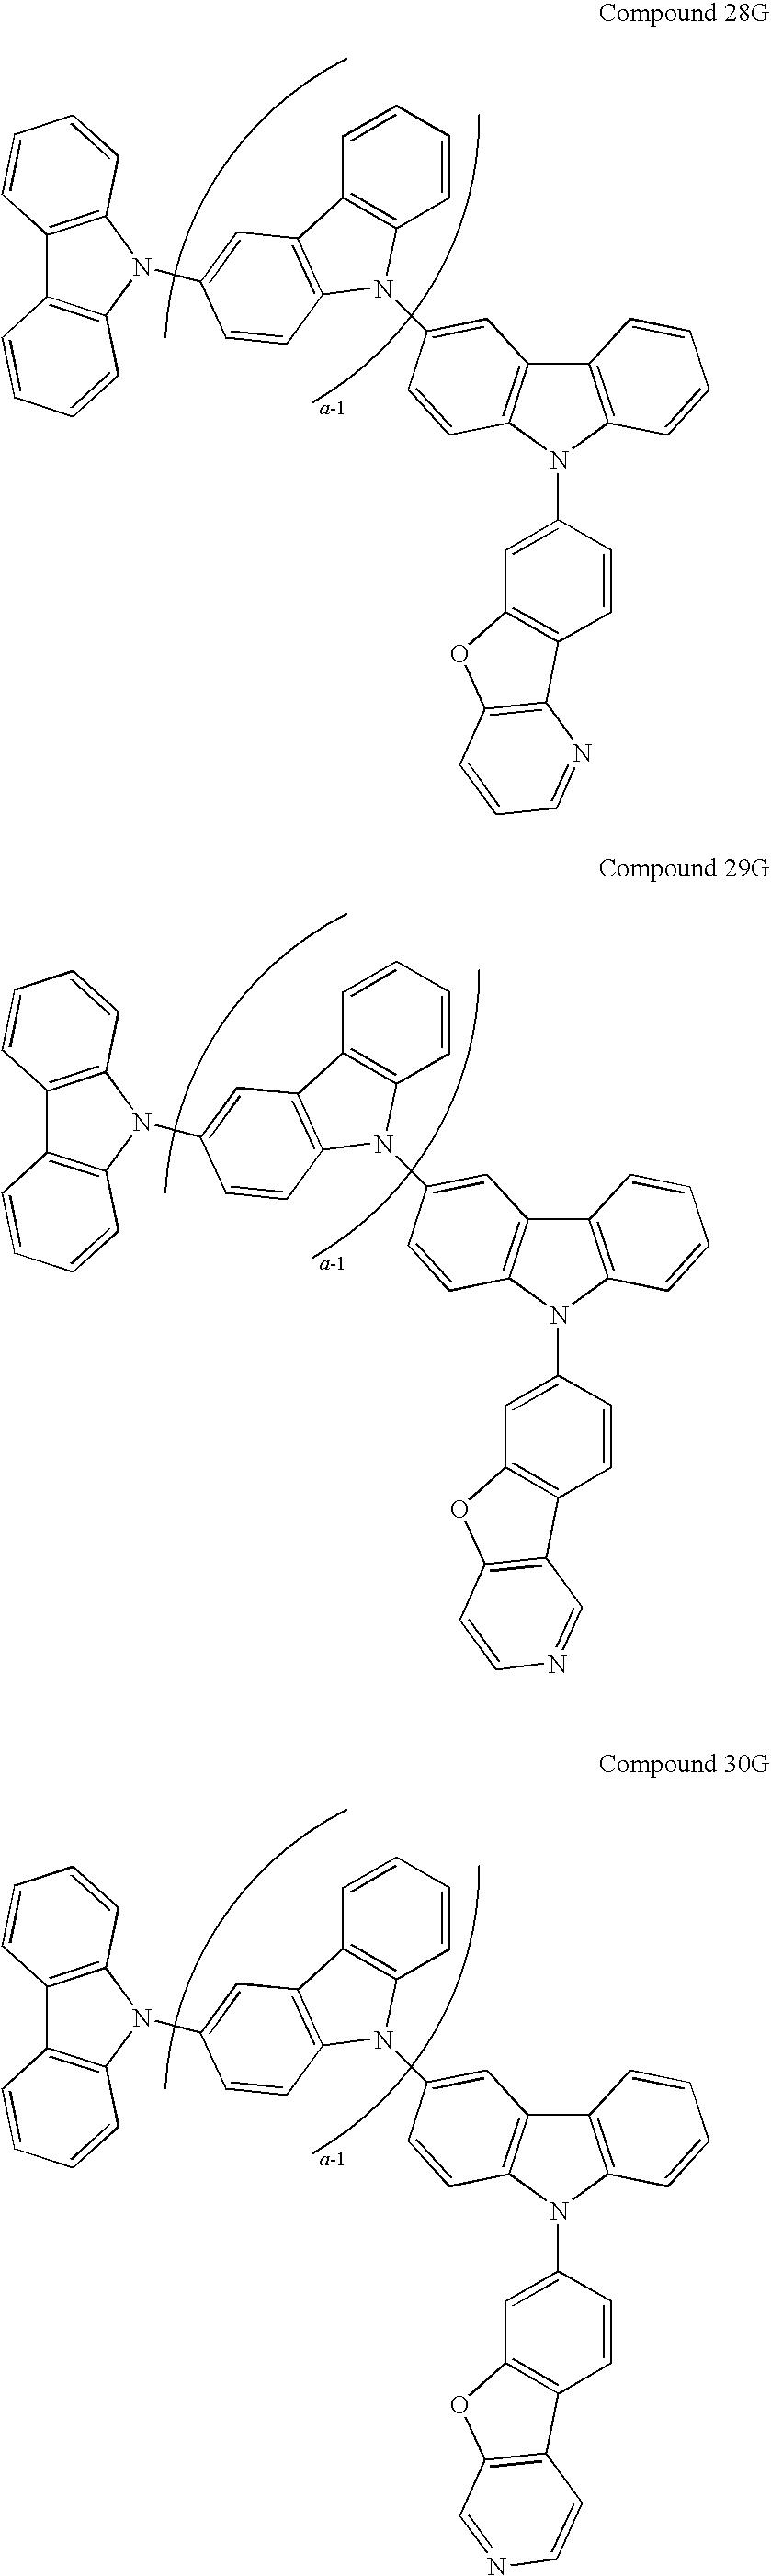 Figure US20090134784A1-20090528-C00013